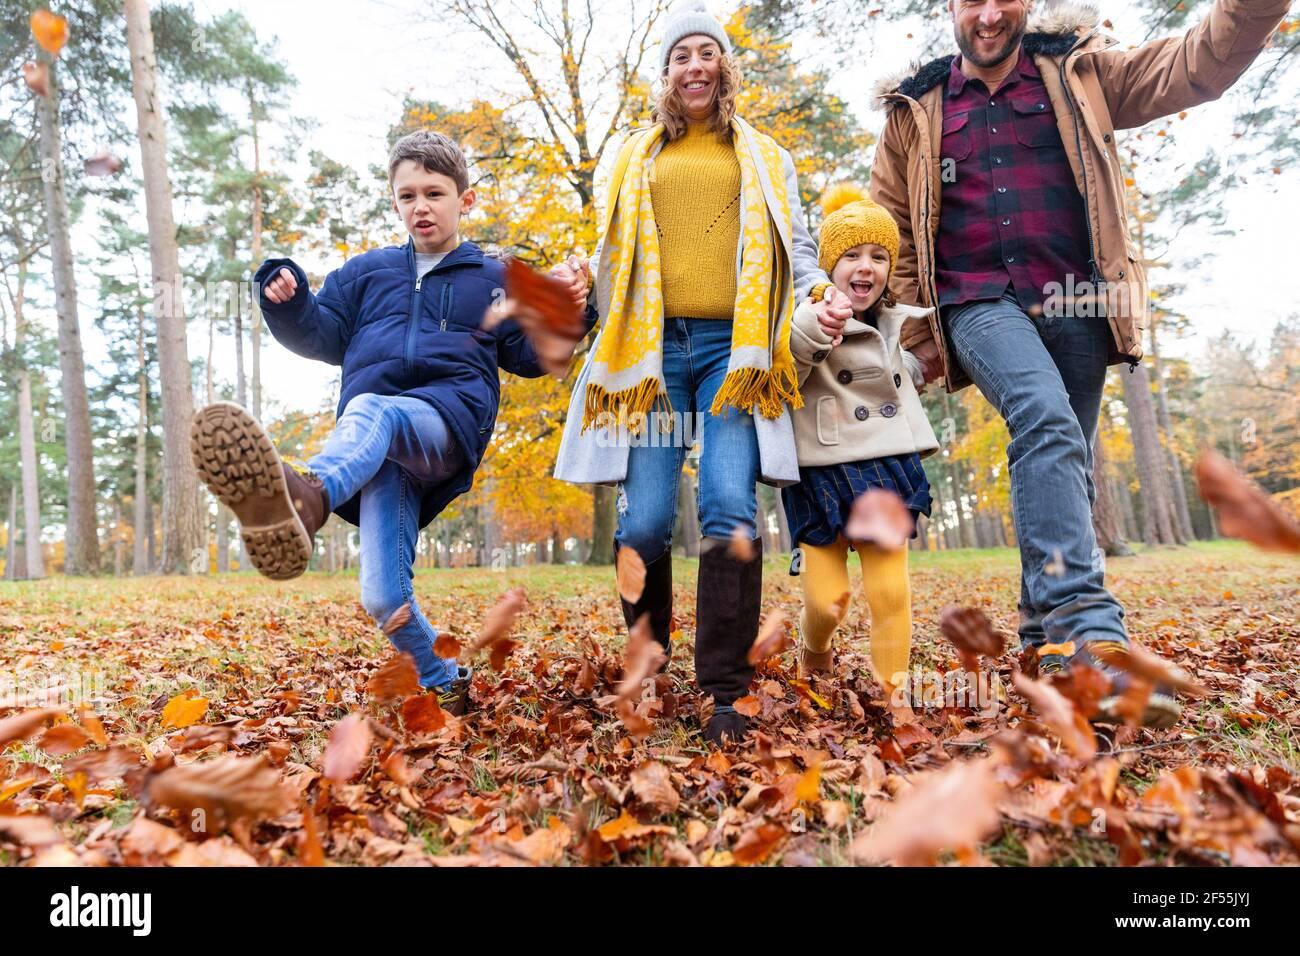 Famille souriante jouant avec la feuille tombée tout en marchant dans la forêt Banque D'Images